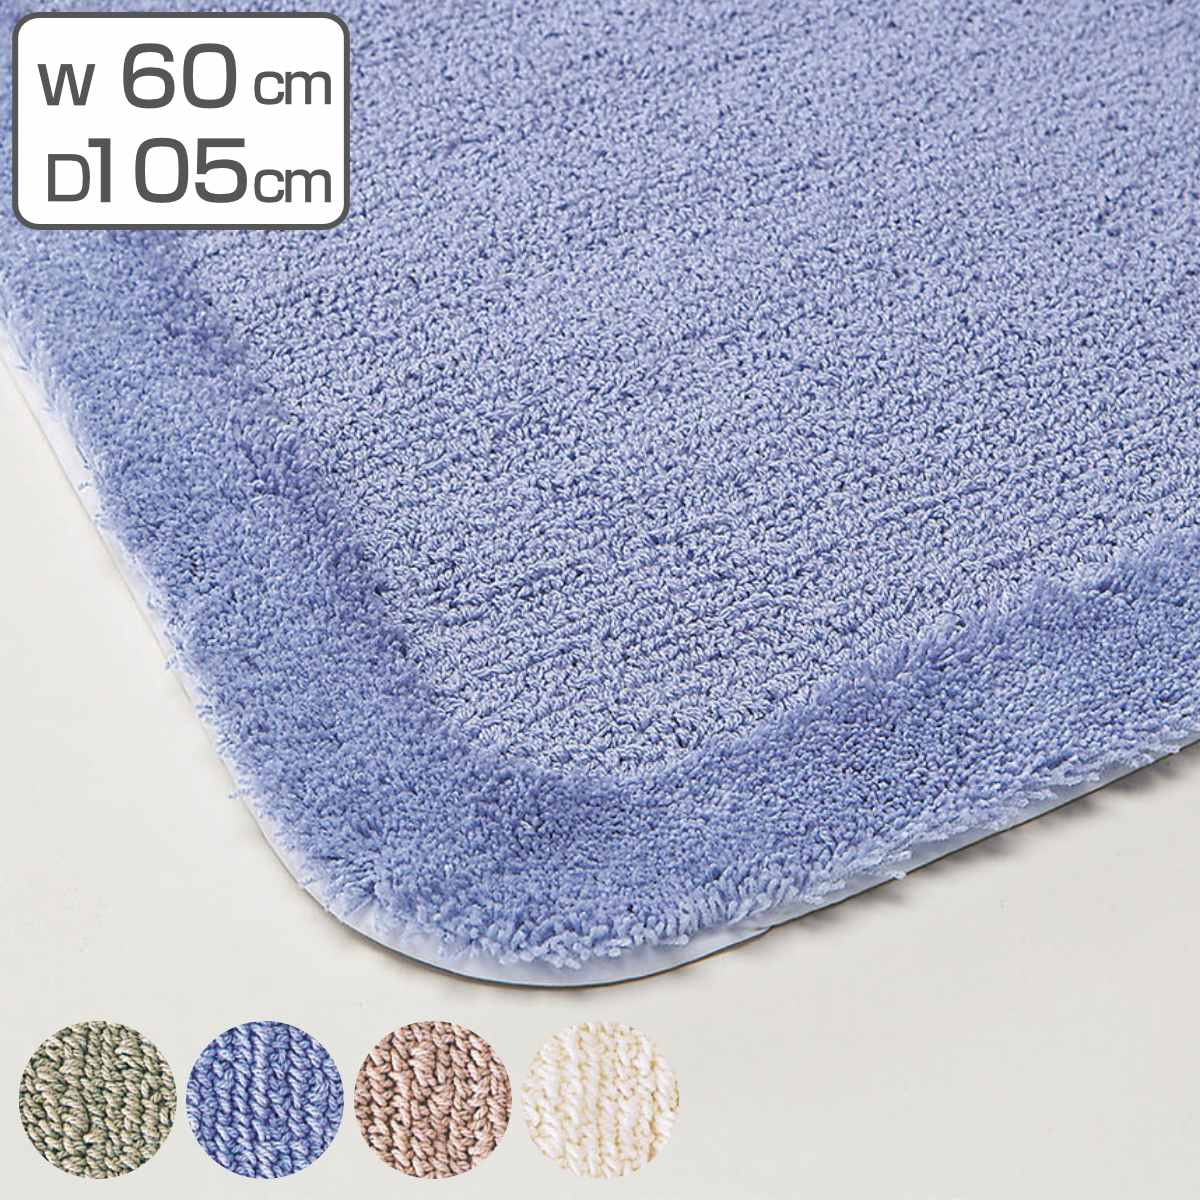 バスマット業務用 吸水ループパイル ノンスリップ抗菌仕様 60×105  ( 足拭き 風呂マット 送料無料 )